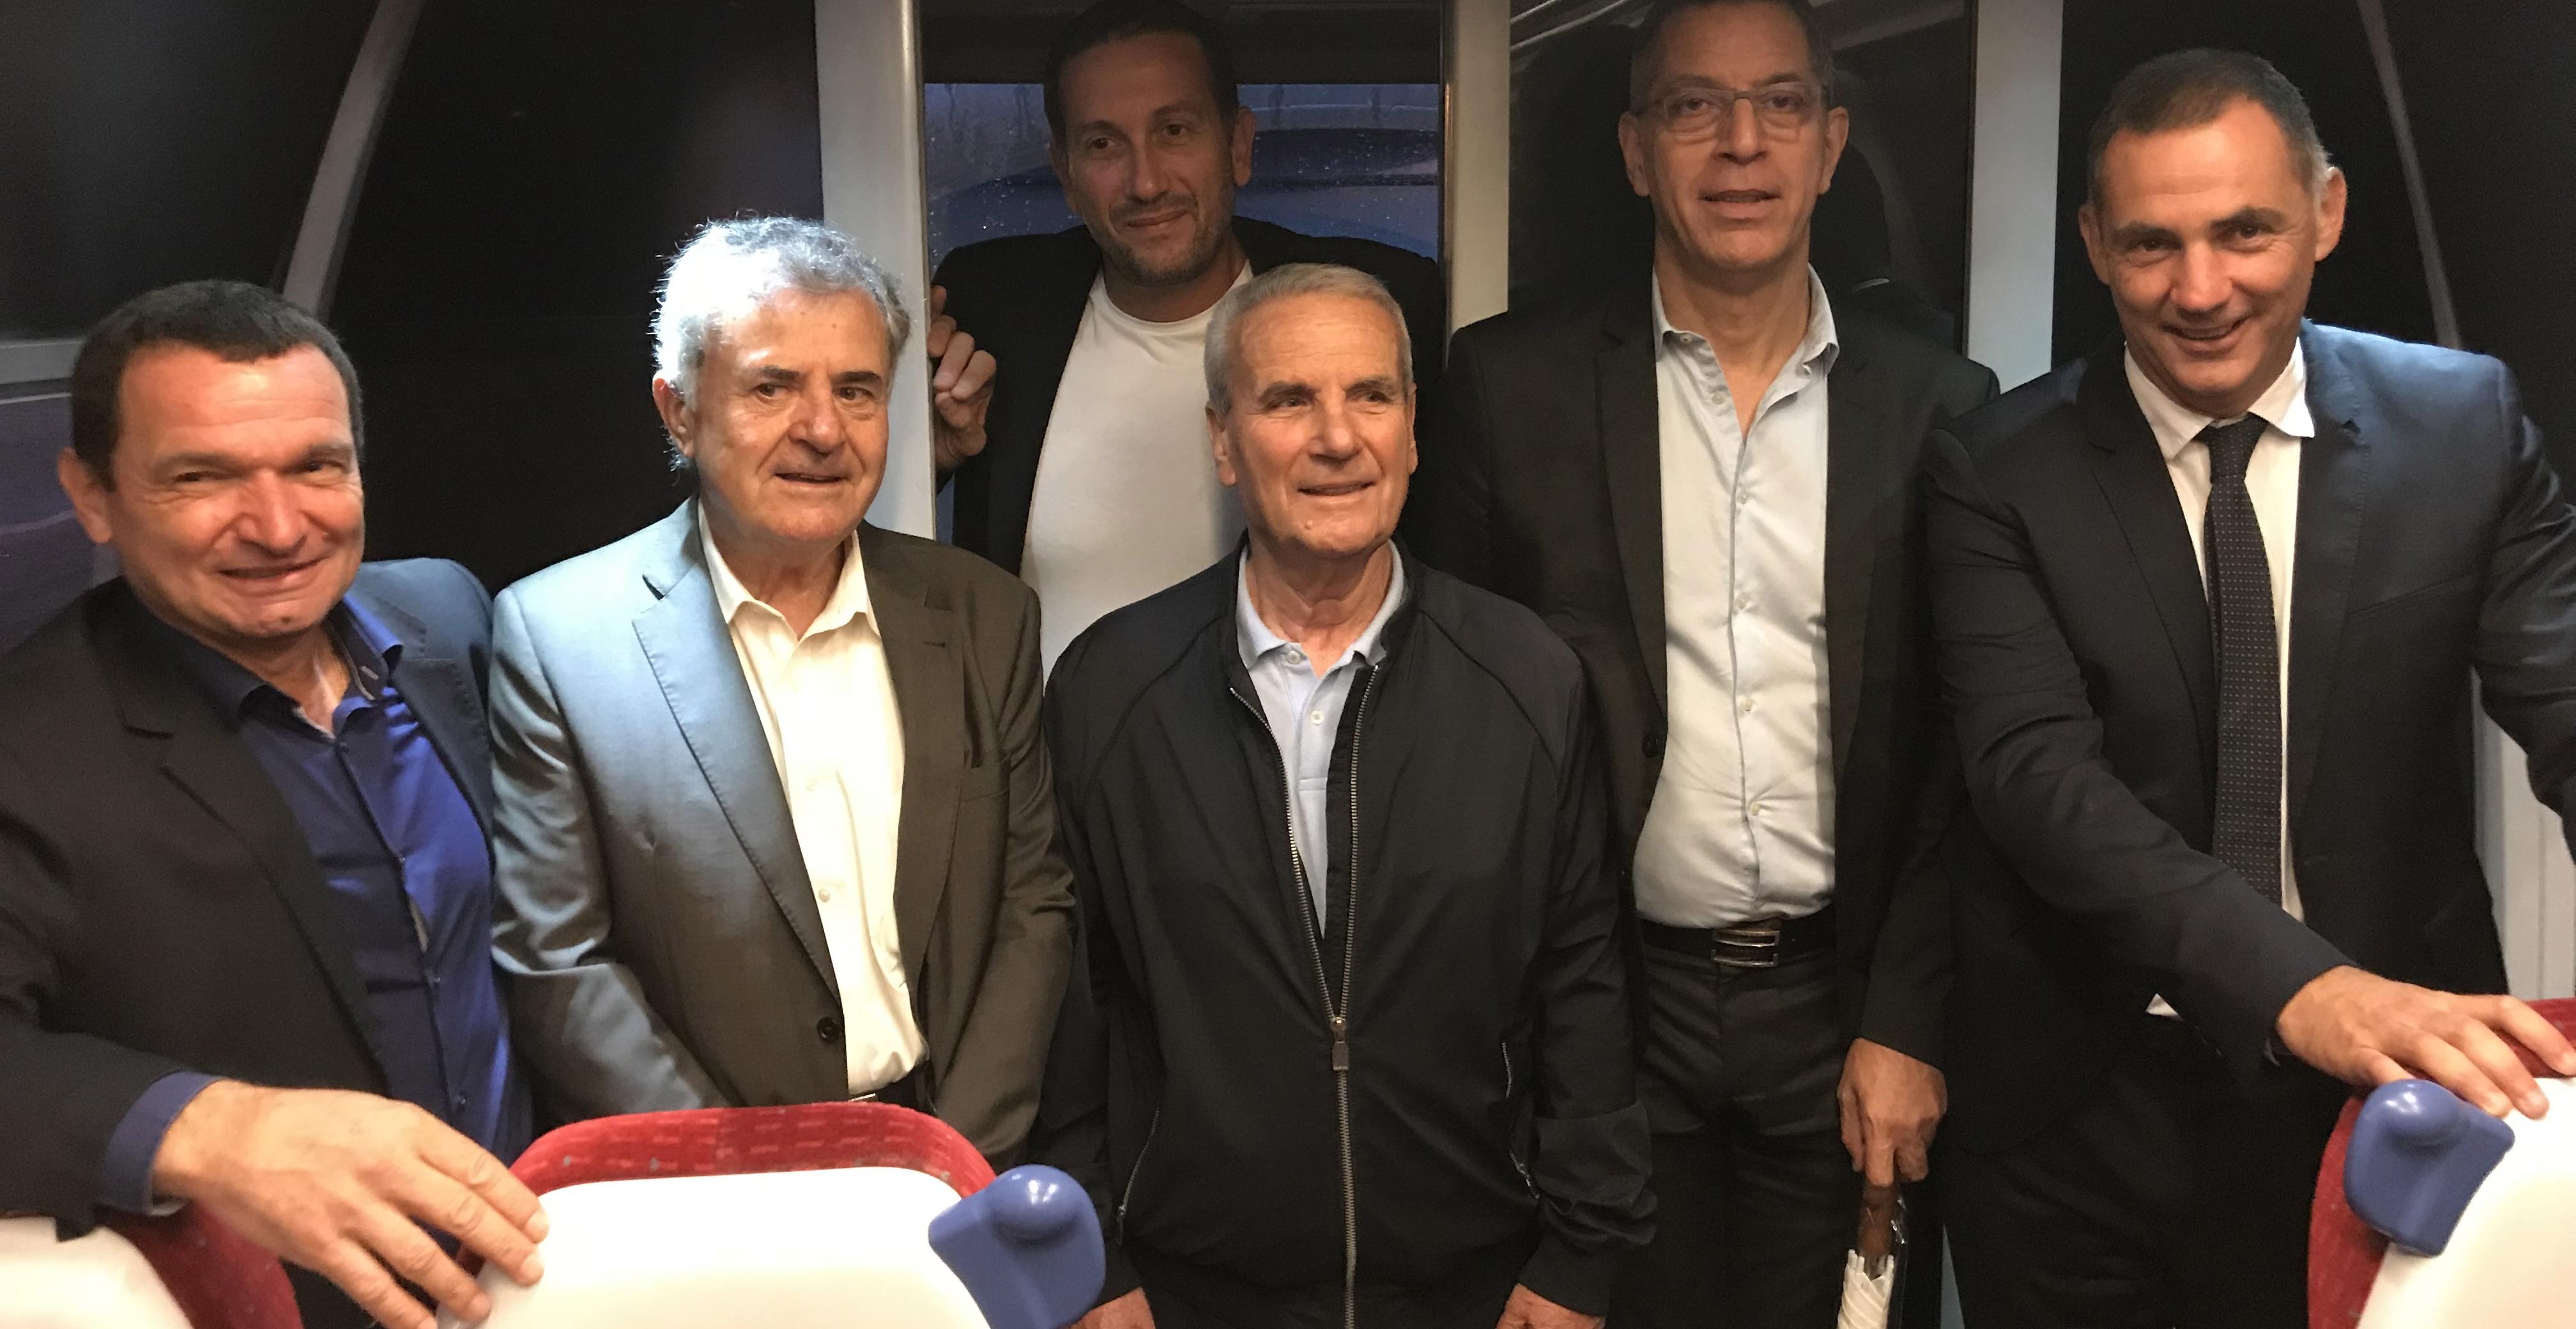 Le président des CFC, Hyacinthe Vanni, entouré des maires et adjoints des quatre communes concernées et du président Gilles Simeoni.